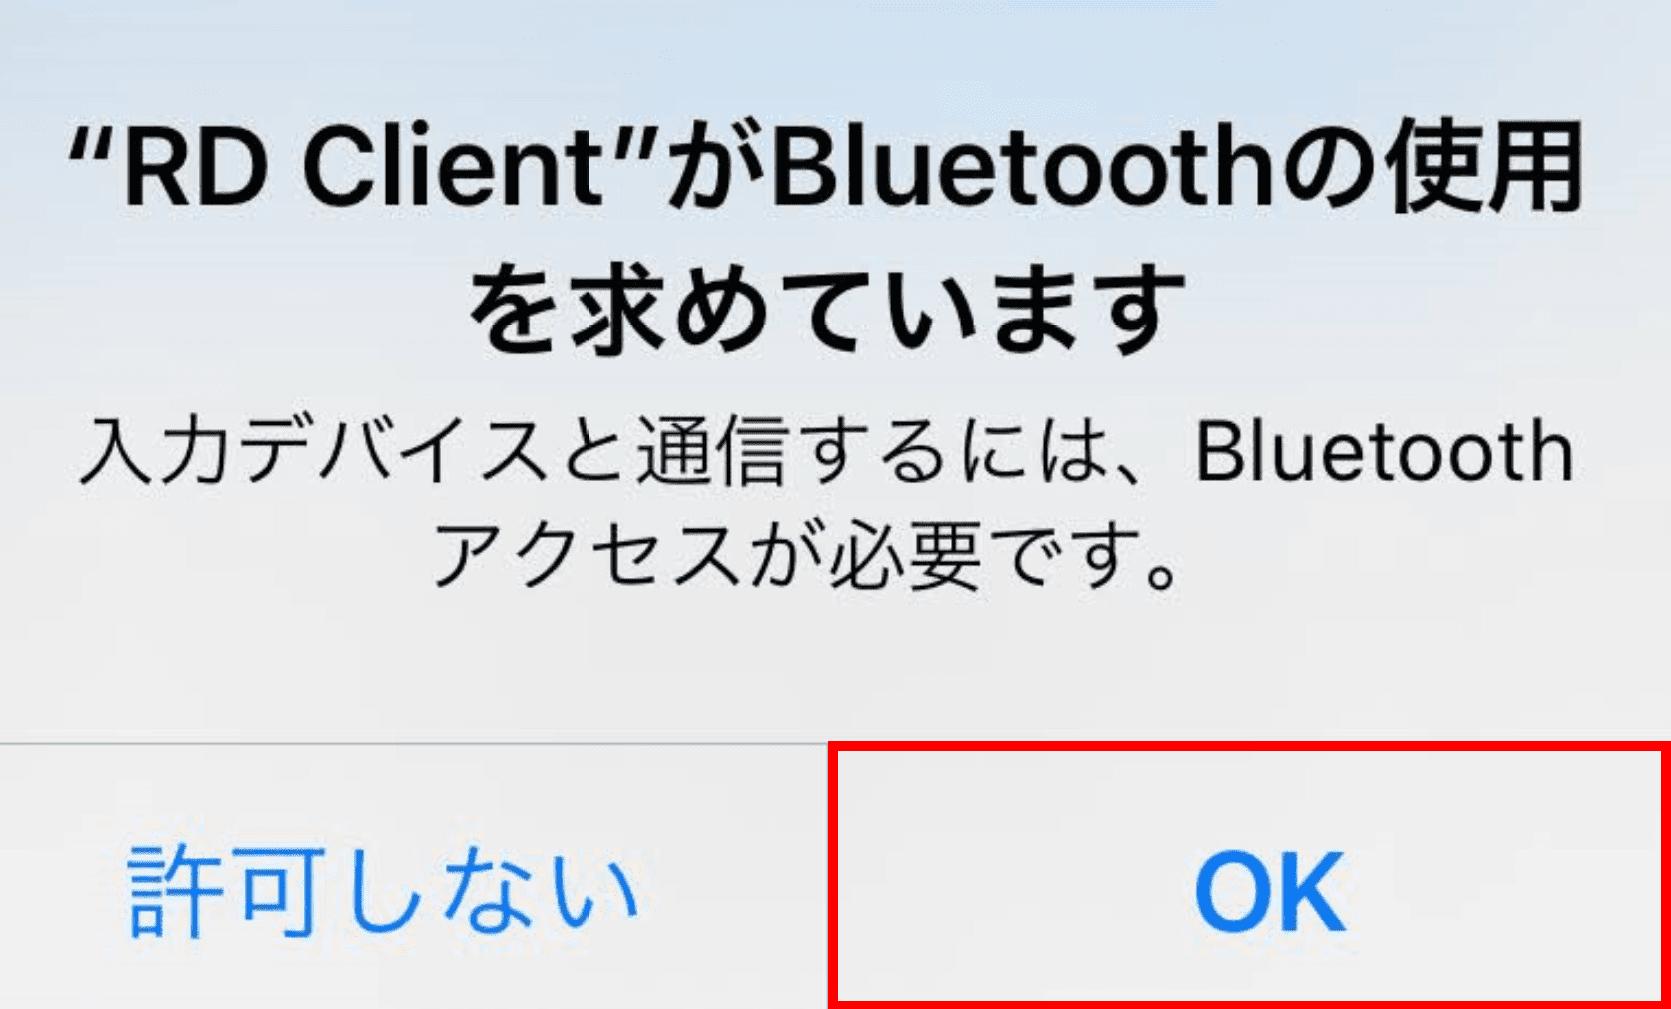 RD Client がBluetoothの使用を求めています